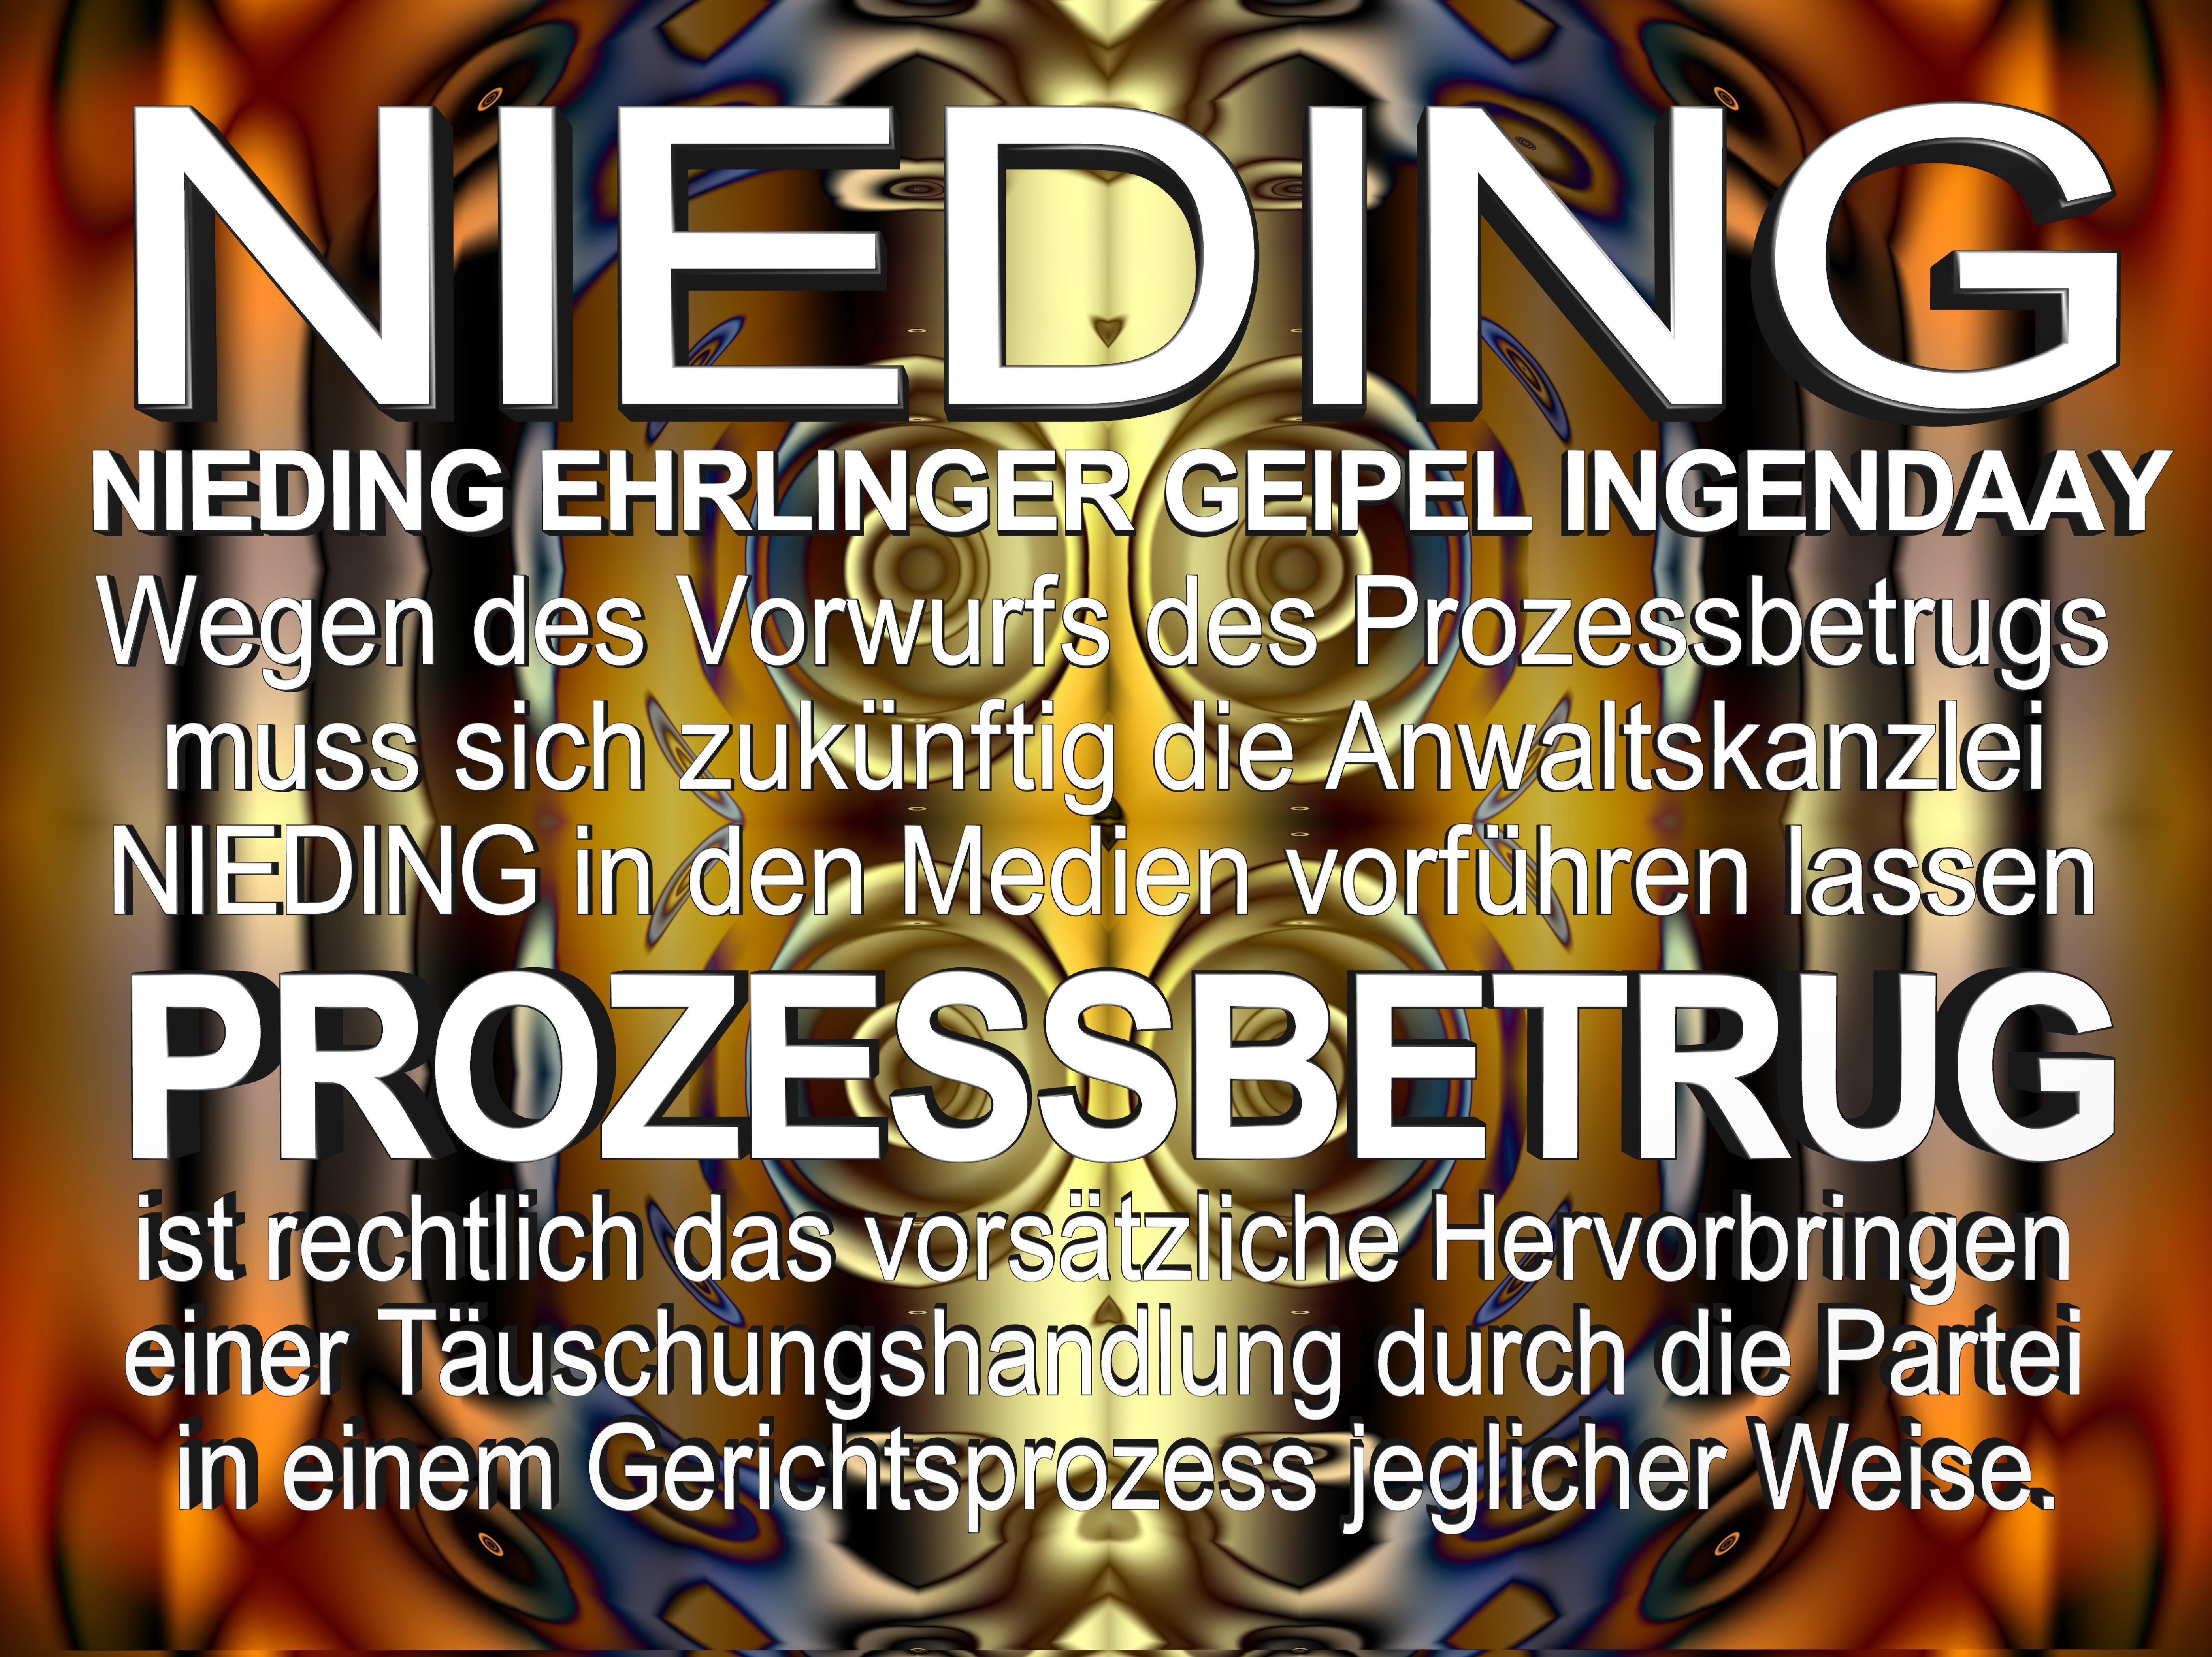 NIEDING EHRLINGER GEIPEL INGENDAAY LELKE Kurfürstendamm 66 Berlin (168)